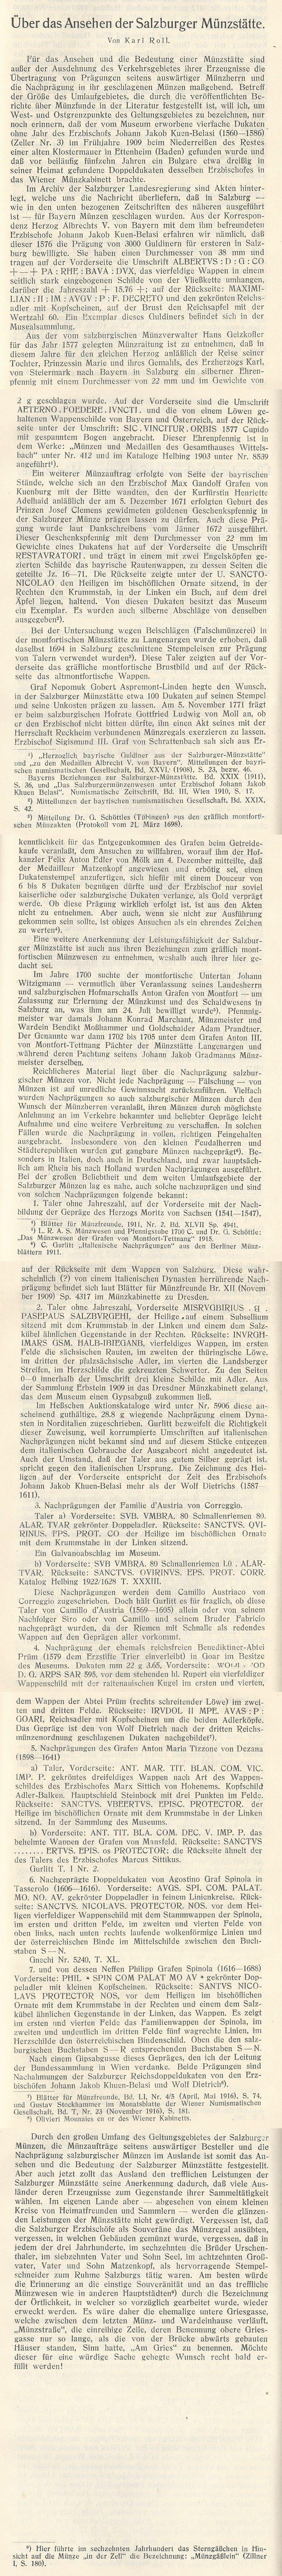 Salzburger Beischläge - Karl Rolls Aufsatz in der Salzburger Landeskunde 192